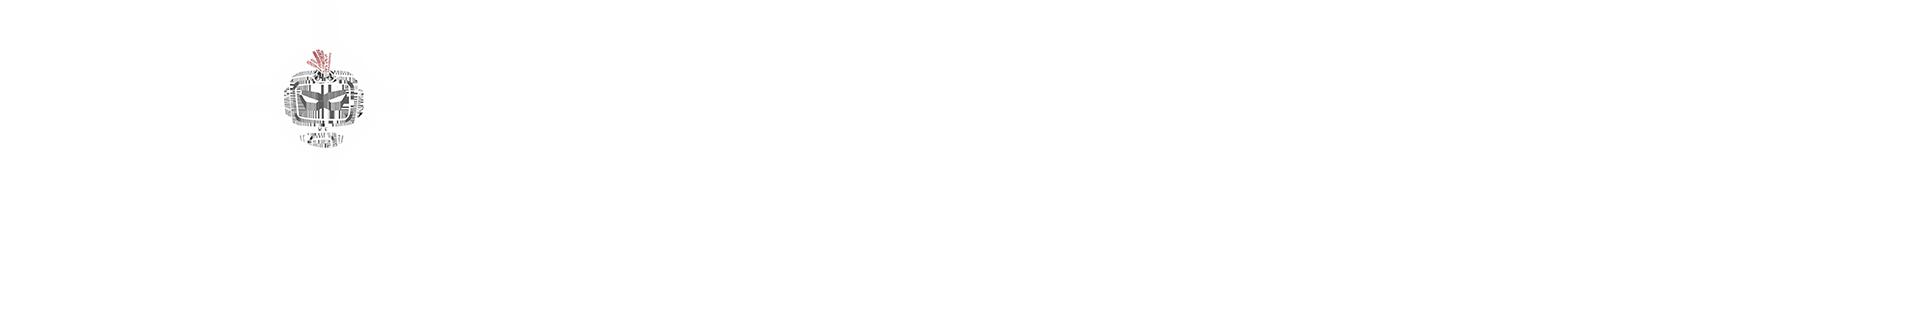 FiXT Gaming: Warframe Logo